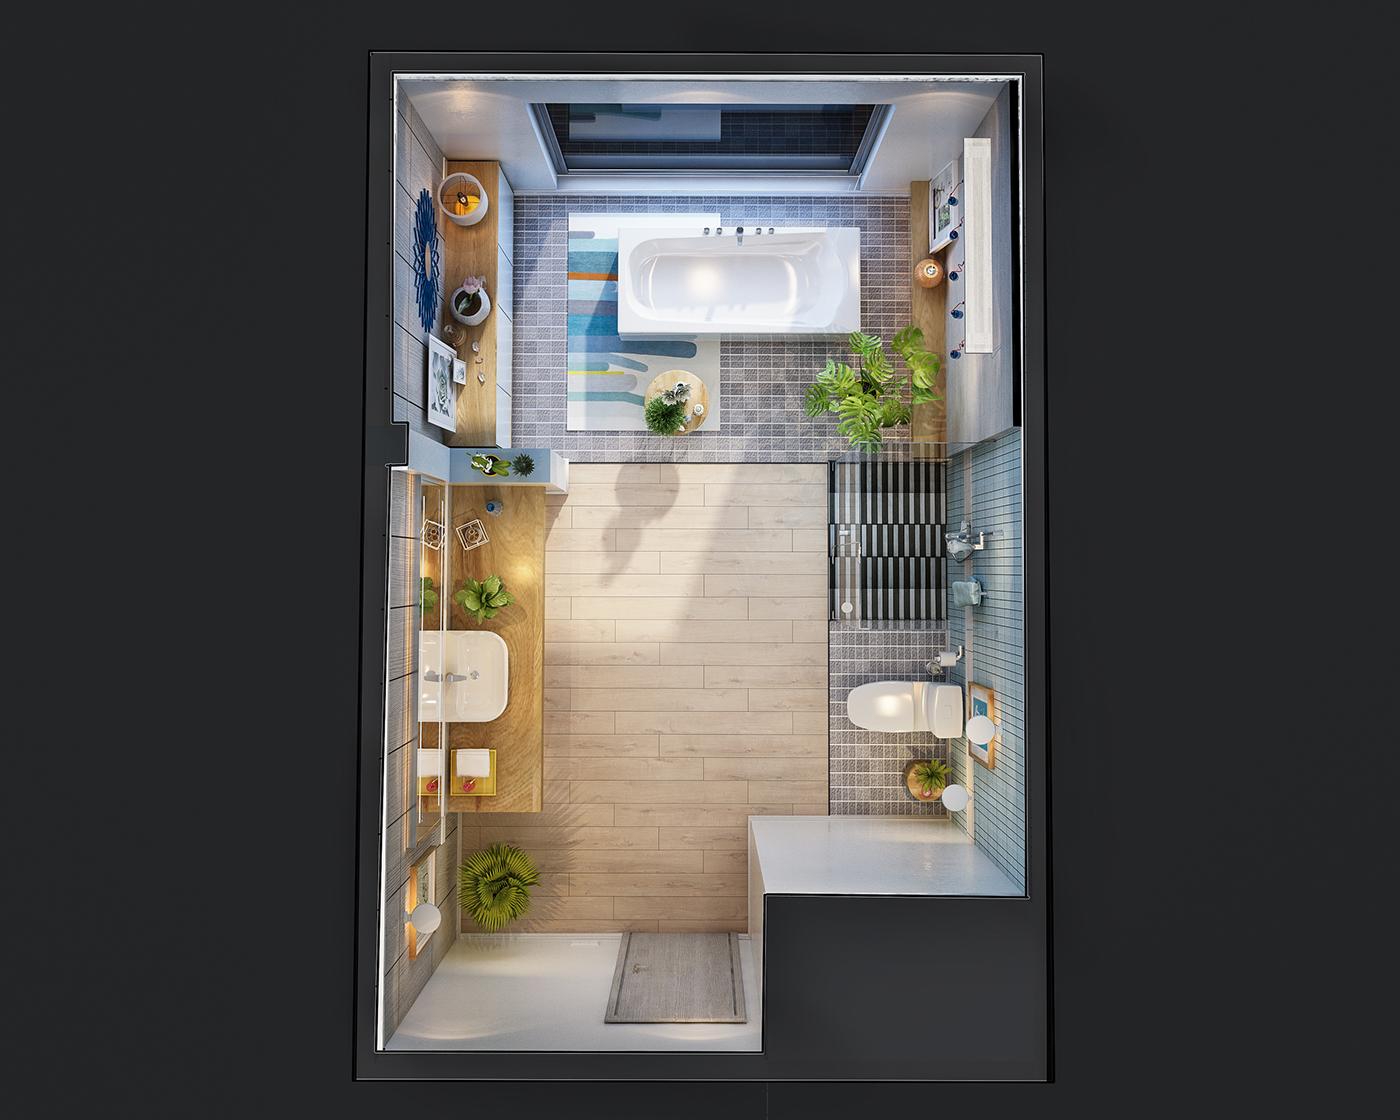 thiết kế nội thất Biệt Thự tại Hà Nội Bathroom design 2016 7 1534389438